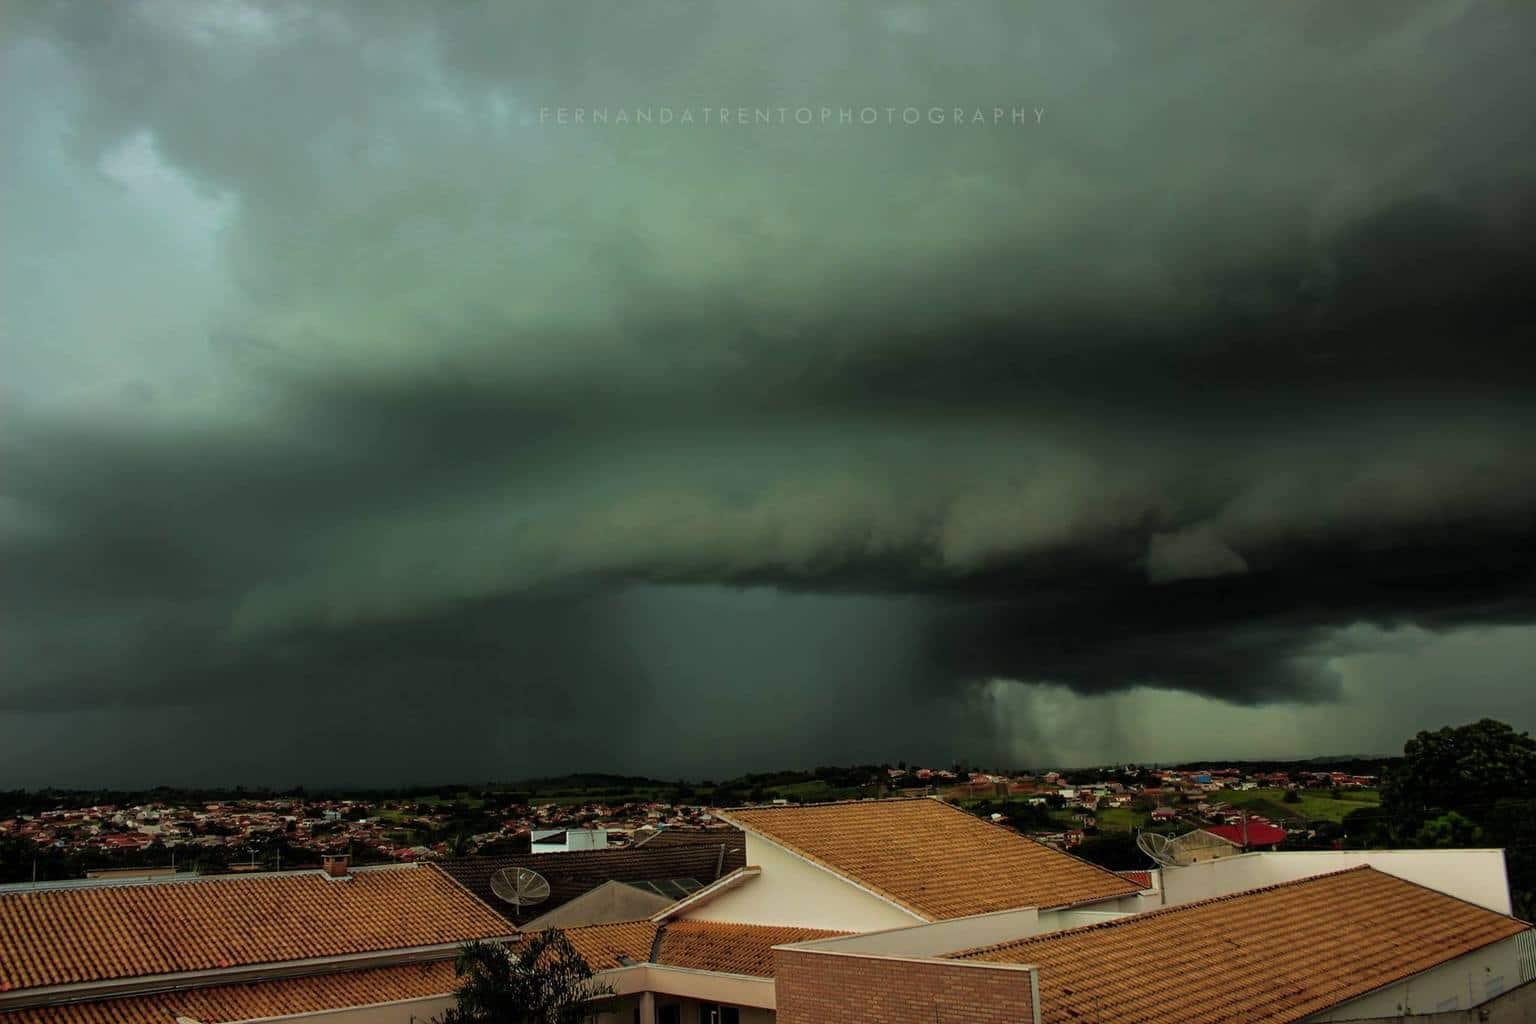 When the sky surprises you. Santo Antônio da Platina - Paraná - Brazil! February 25,2017